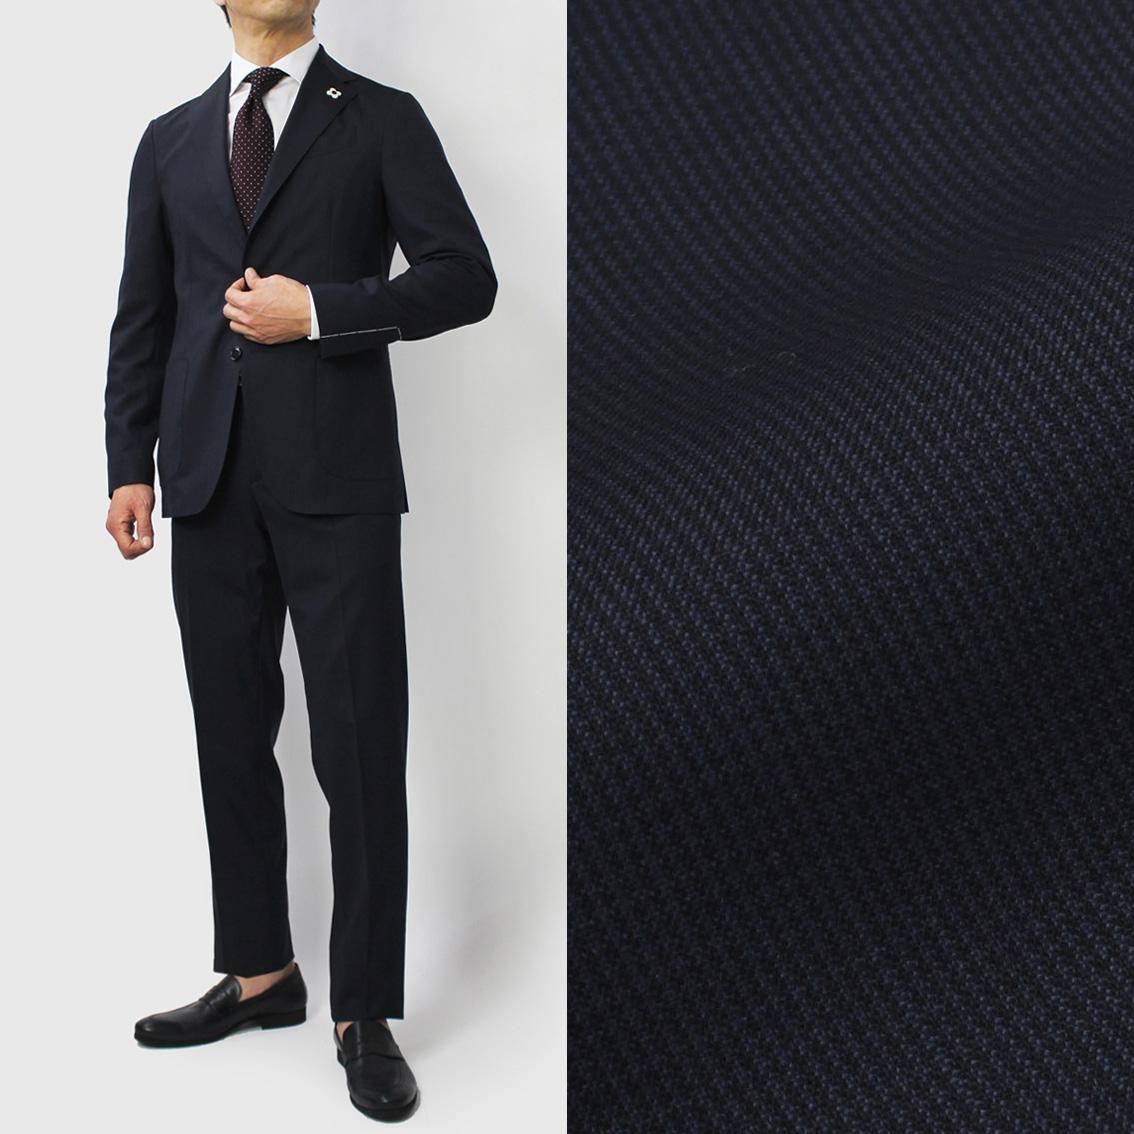 【国内正規品】S/S 新作 LARDINI ( ラルディーニ ) / JP031AQ / Easy Wear / パッカブル / ウール ピンチェック 撥水ストレッチ スーツ【ネイビー】【送料無料】